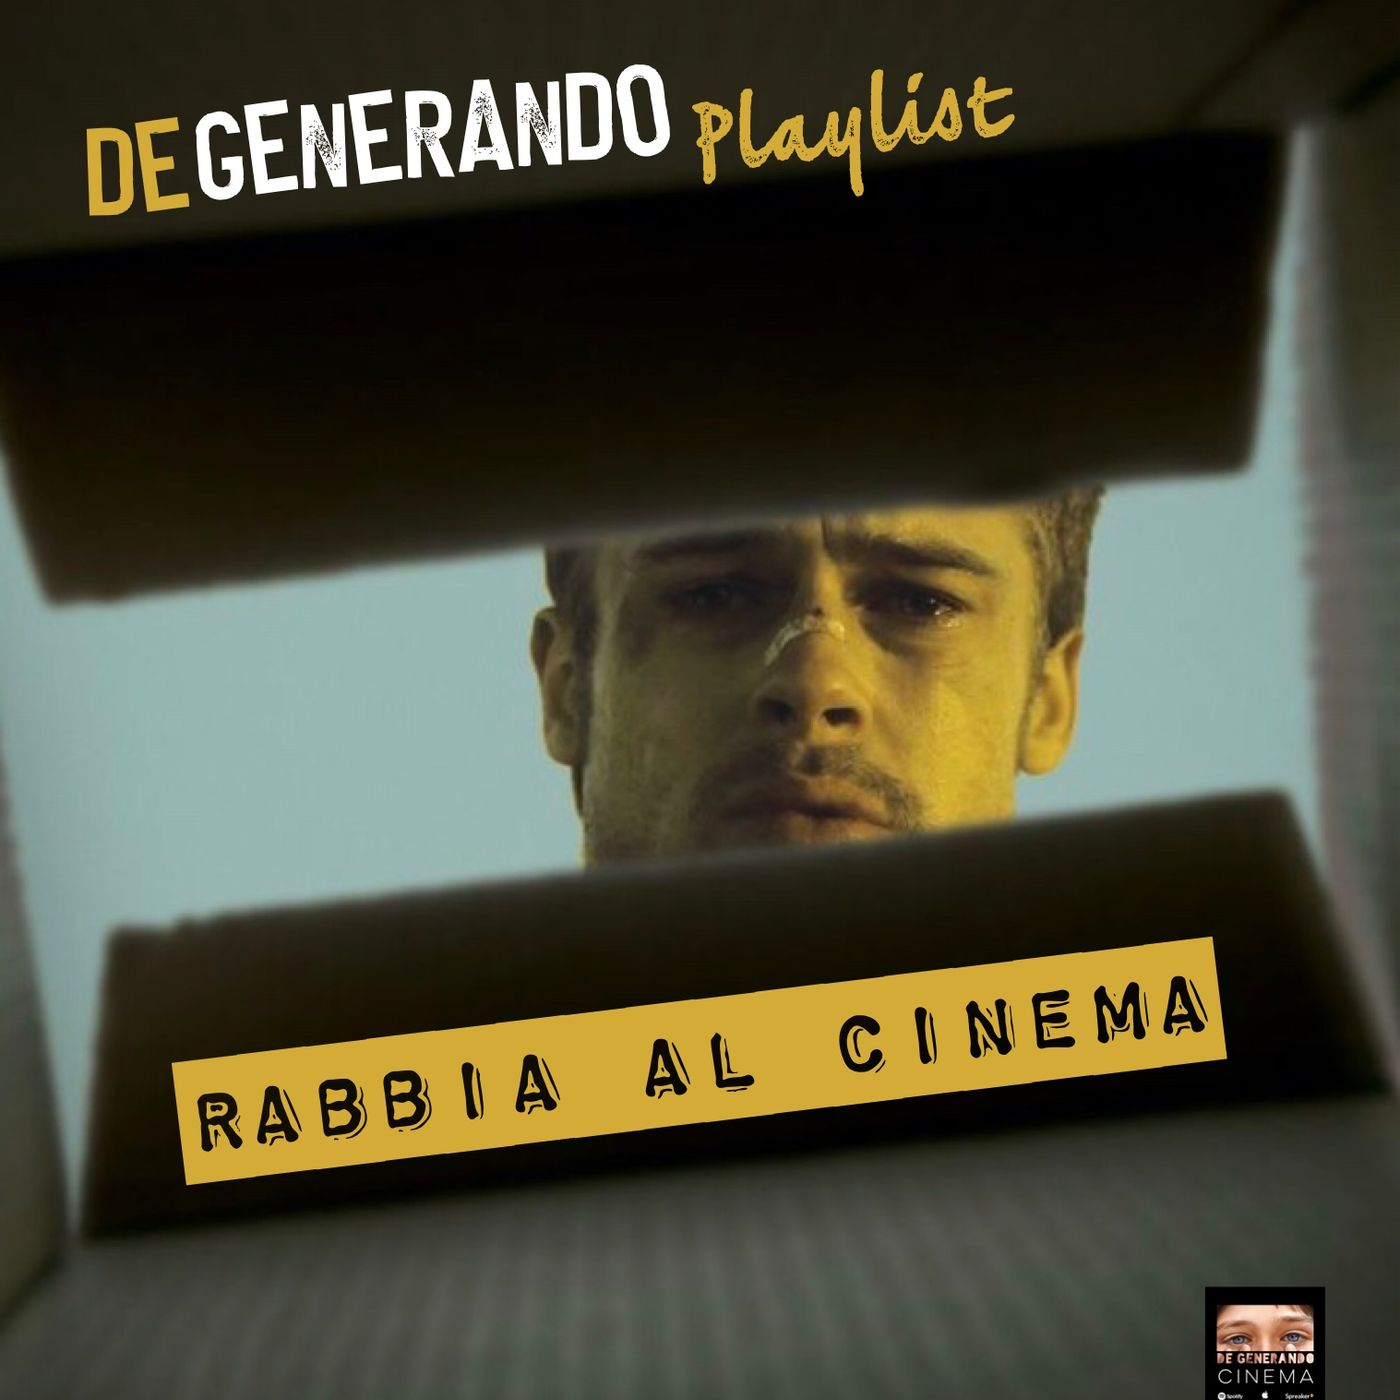 #DePlaylist: Rabbia al Cinema